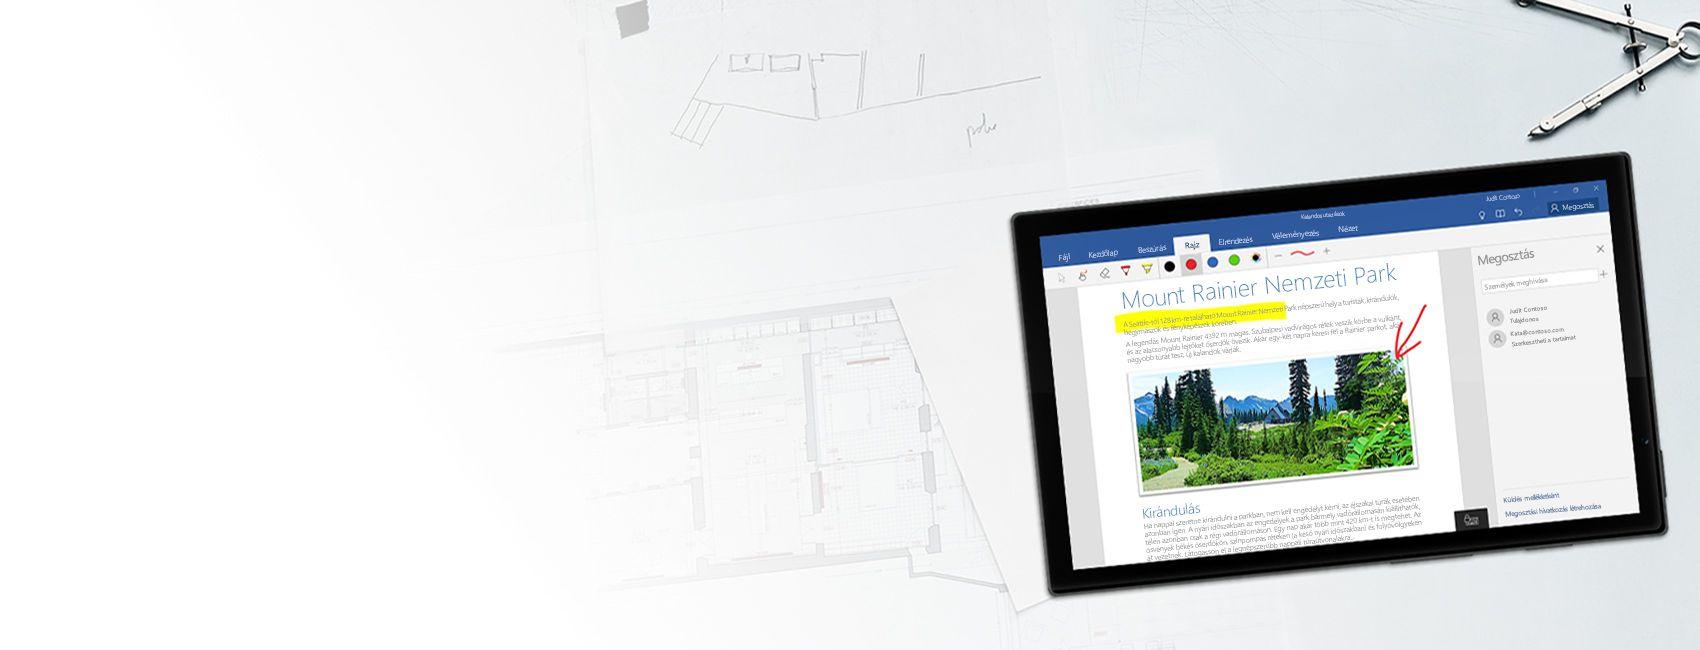 Windows-táblagép, melynek a képernyőjén egy Word-dokumentum látható a Mount Rainier Nemzeti Parkról a Windows 10 Mobile-hoz készült Word appban